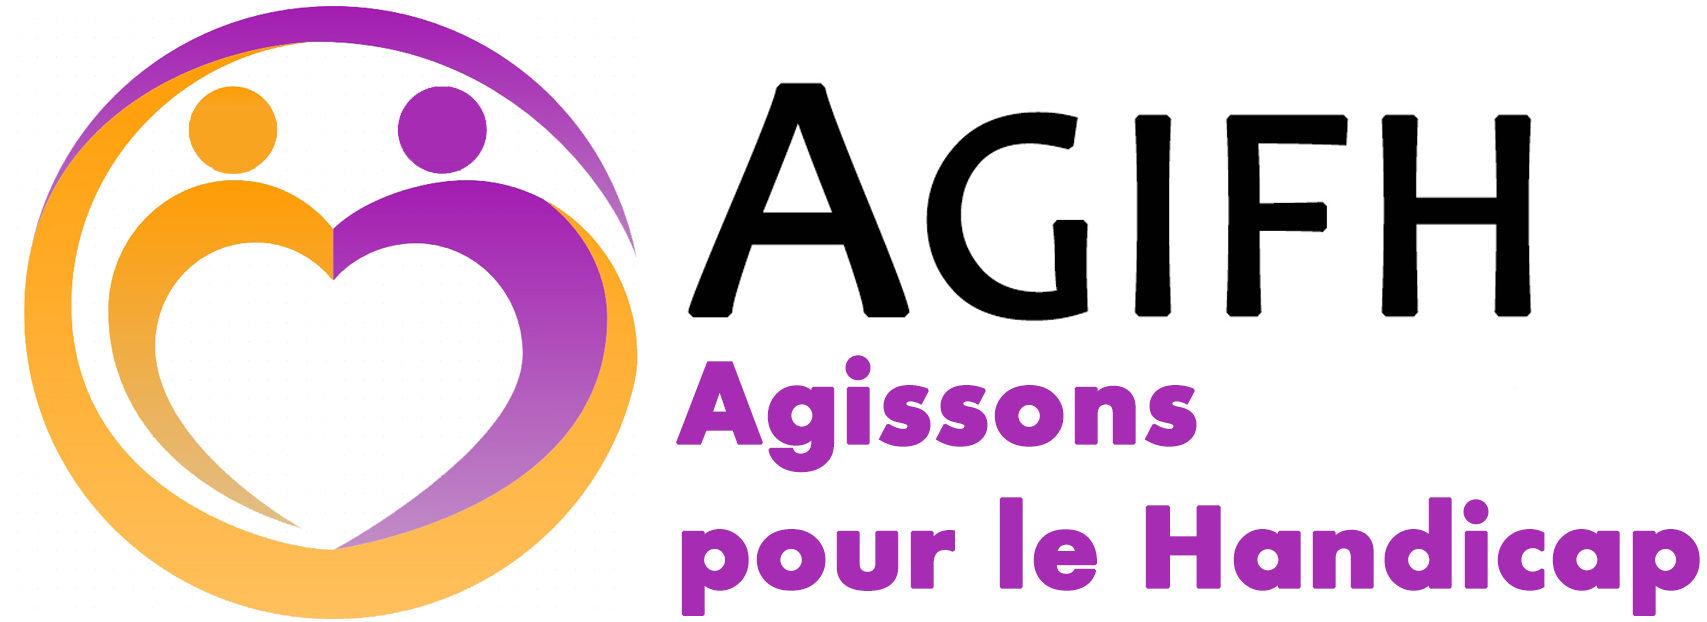 Agifh